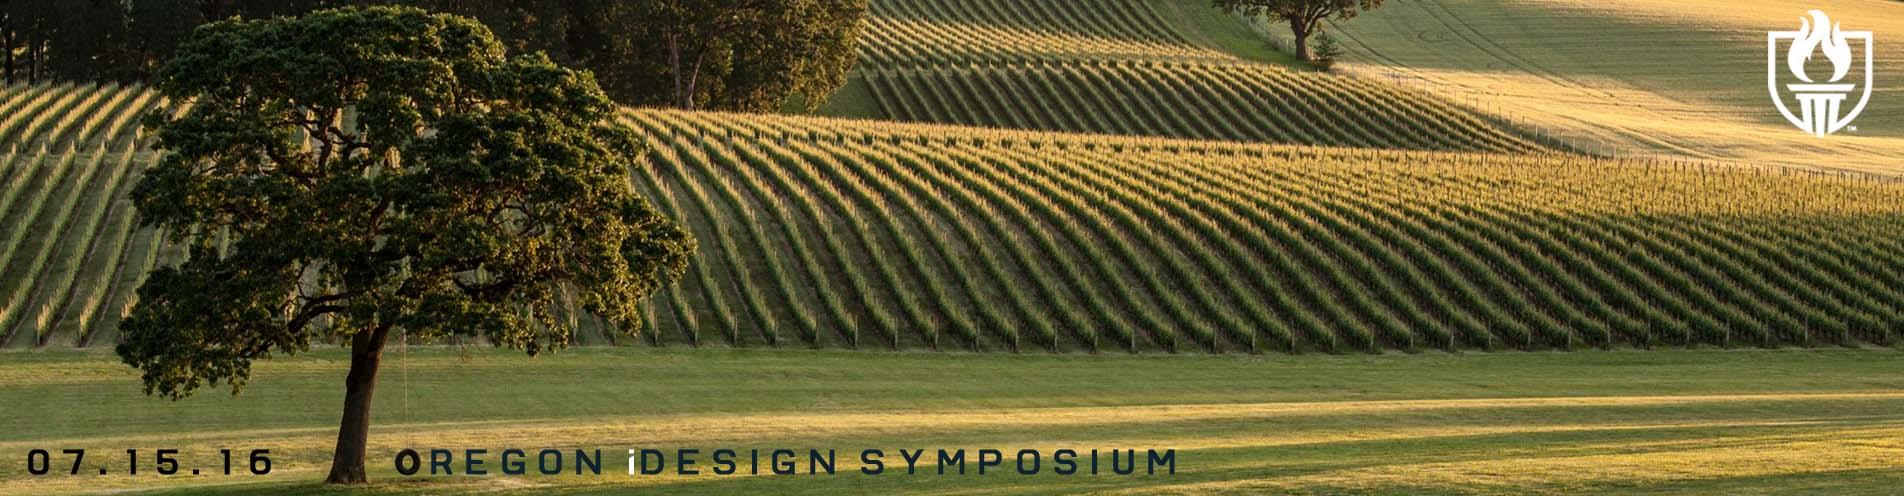 oregon idesign symposium banner